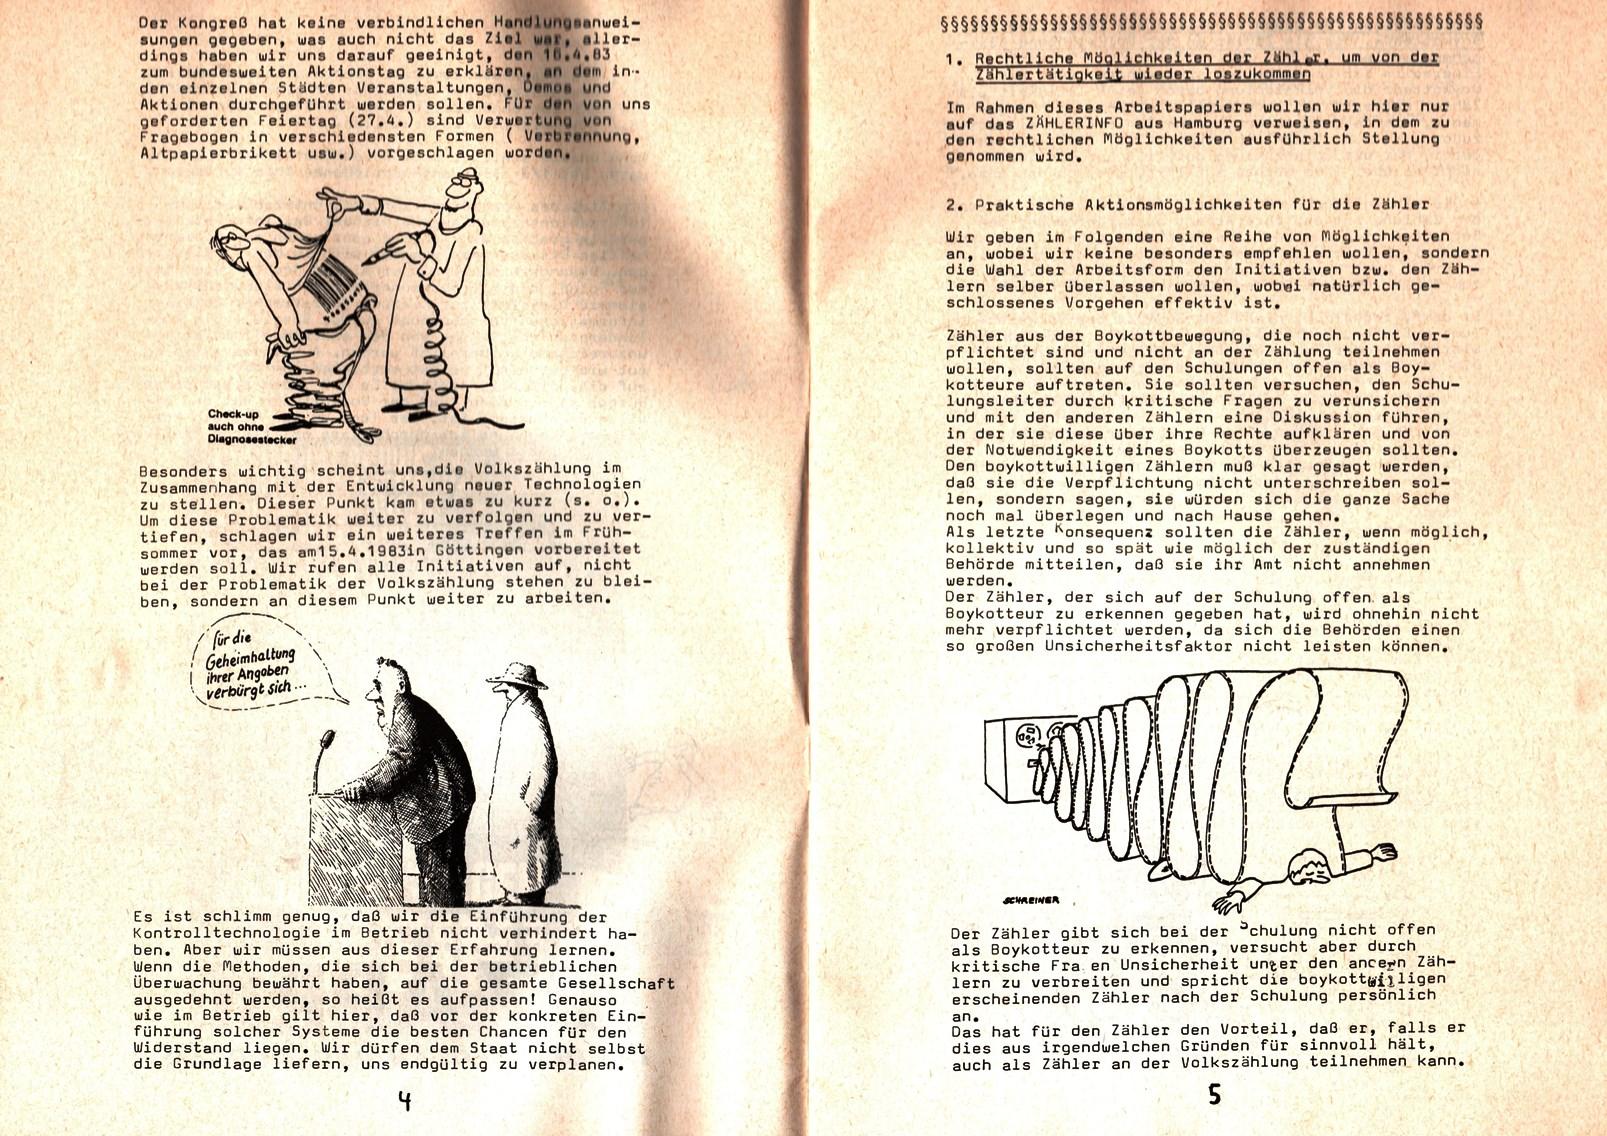 Bochum_1983_Volkszaehlungsboykotttreffen_003